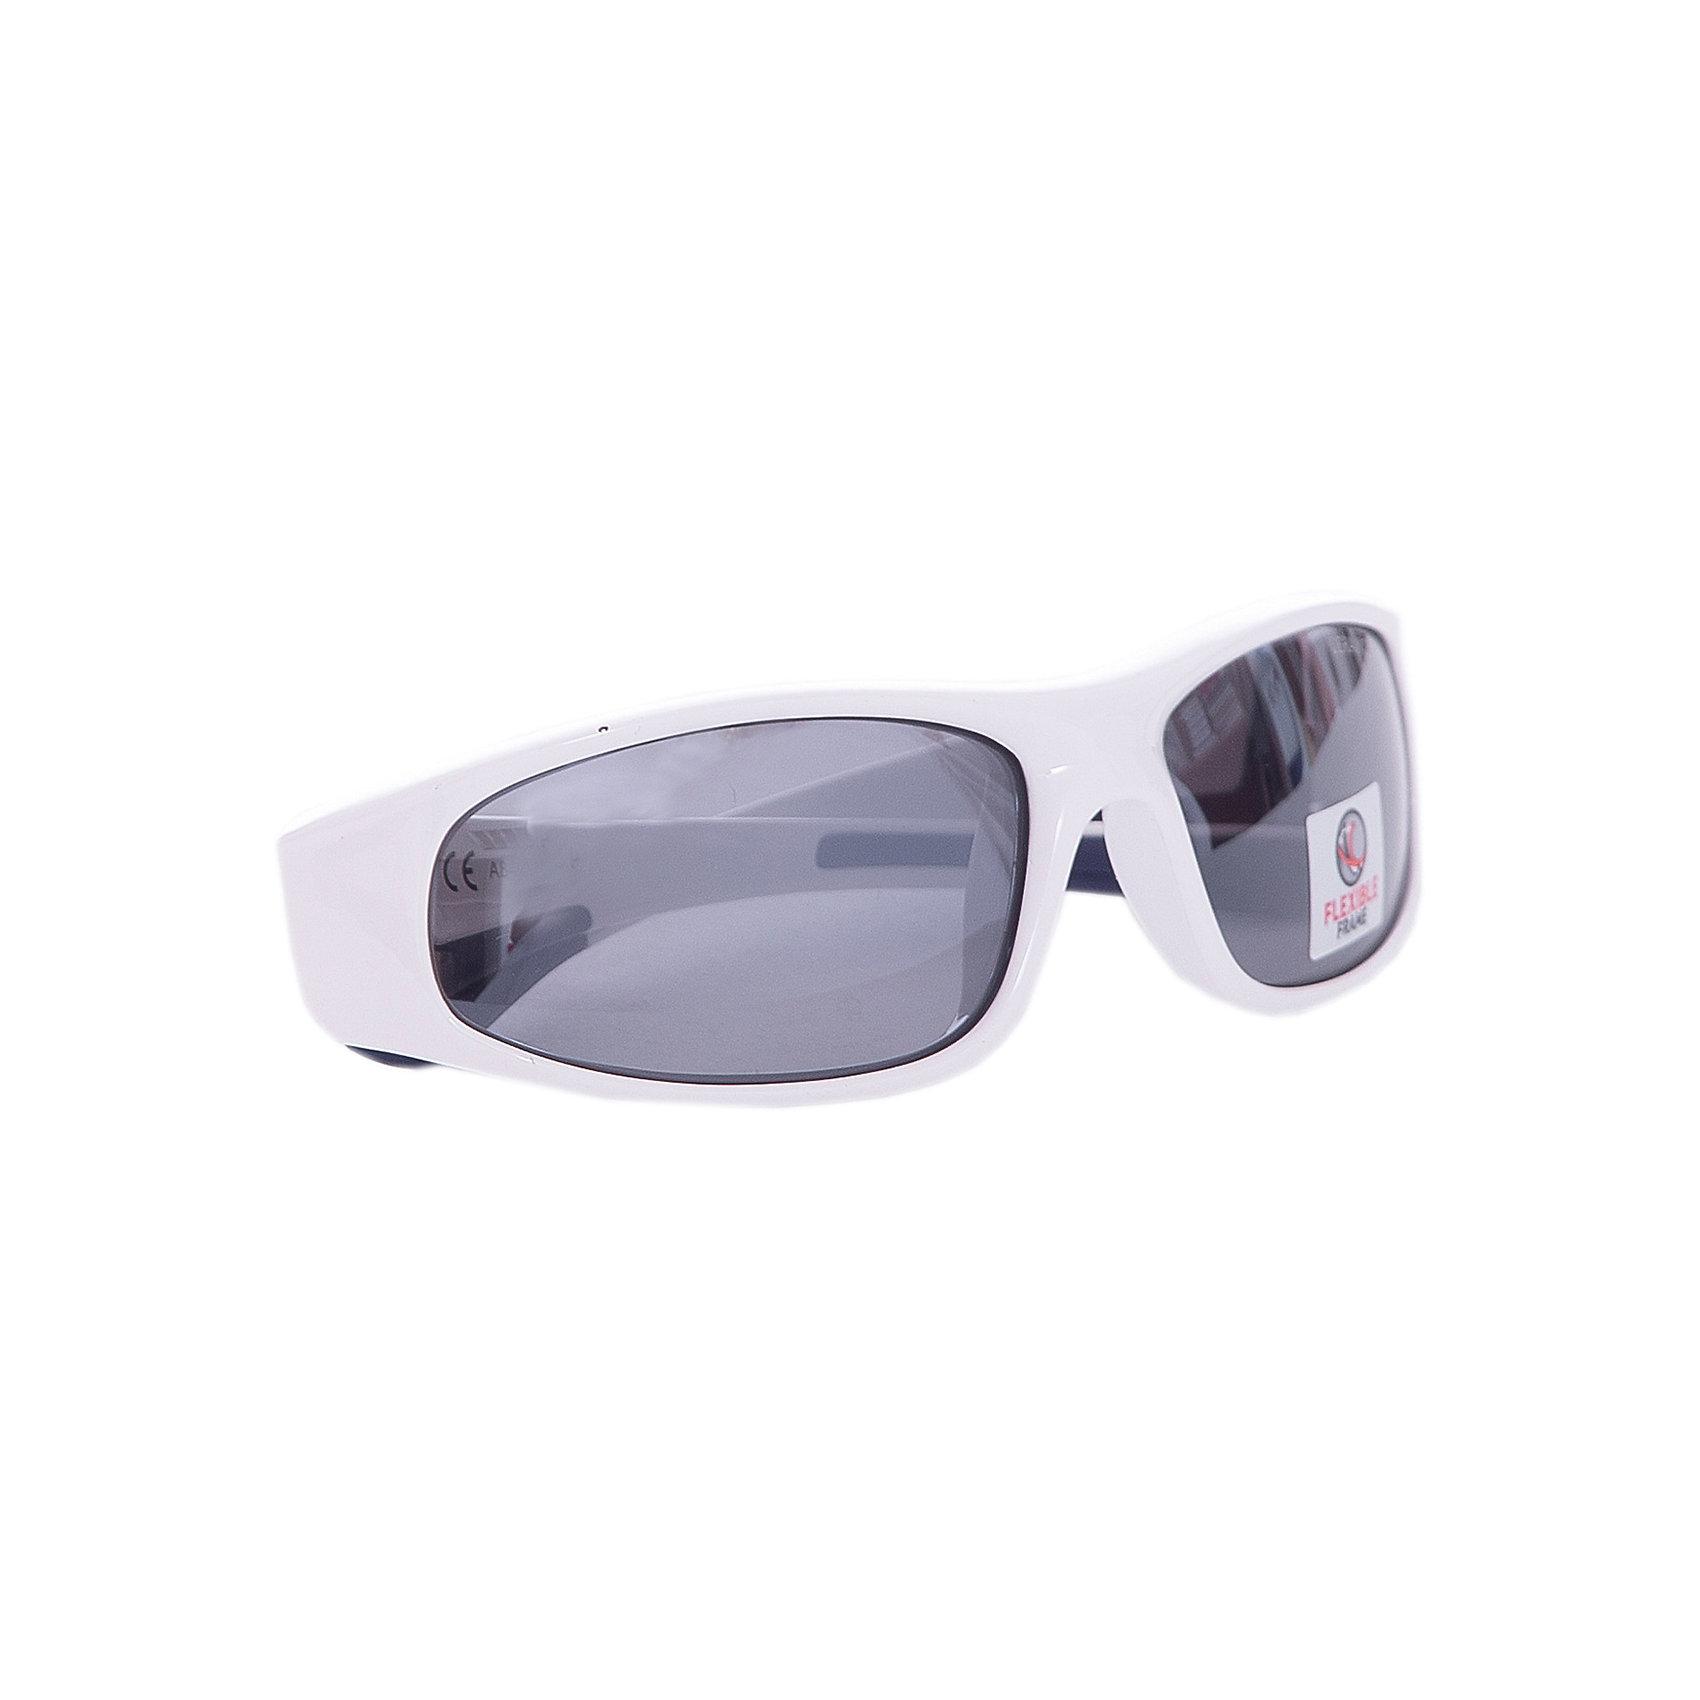 Очки солнцезащитные FLEXXY JUNIOR, бело-голубые, ALPINAСолнцезащитные очки<br><br><br>Ширина мм: 136<br>Глубина мм: 81<br>Высота мм: 40<br>Вес г: 38<br>Цвет: синий/белый<br>Возраст от месяцев: 60<br>Возраст до месяцев: 144<br>Пол: Унисекс<br>Возраст: Детский<br>SKU: 2568554